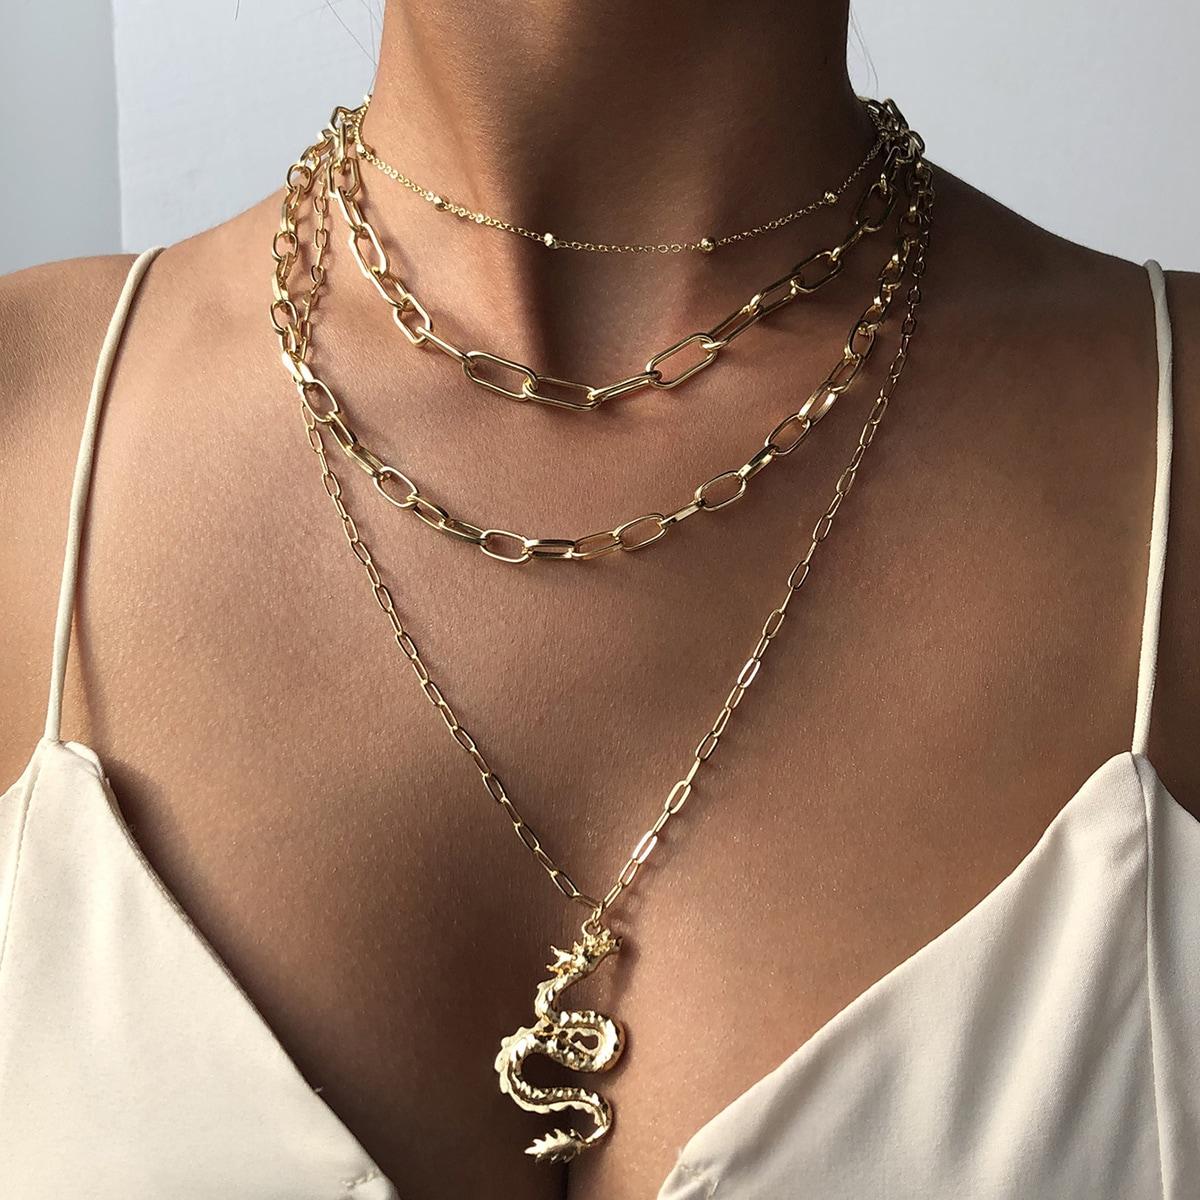 Halskette mit chinesischem Drache Anhänger und mehrschichtigen Ketten